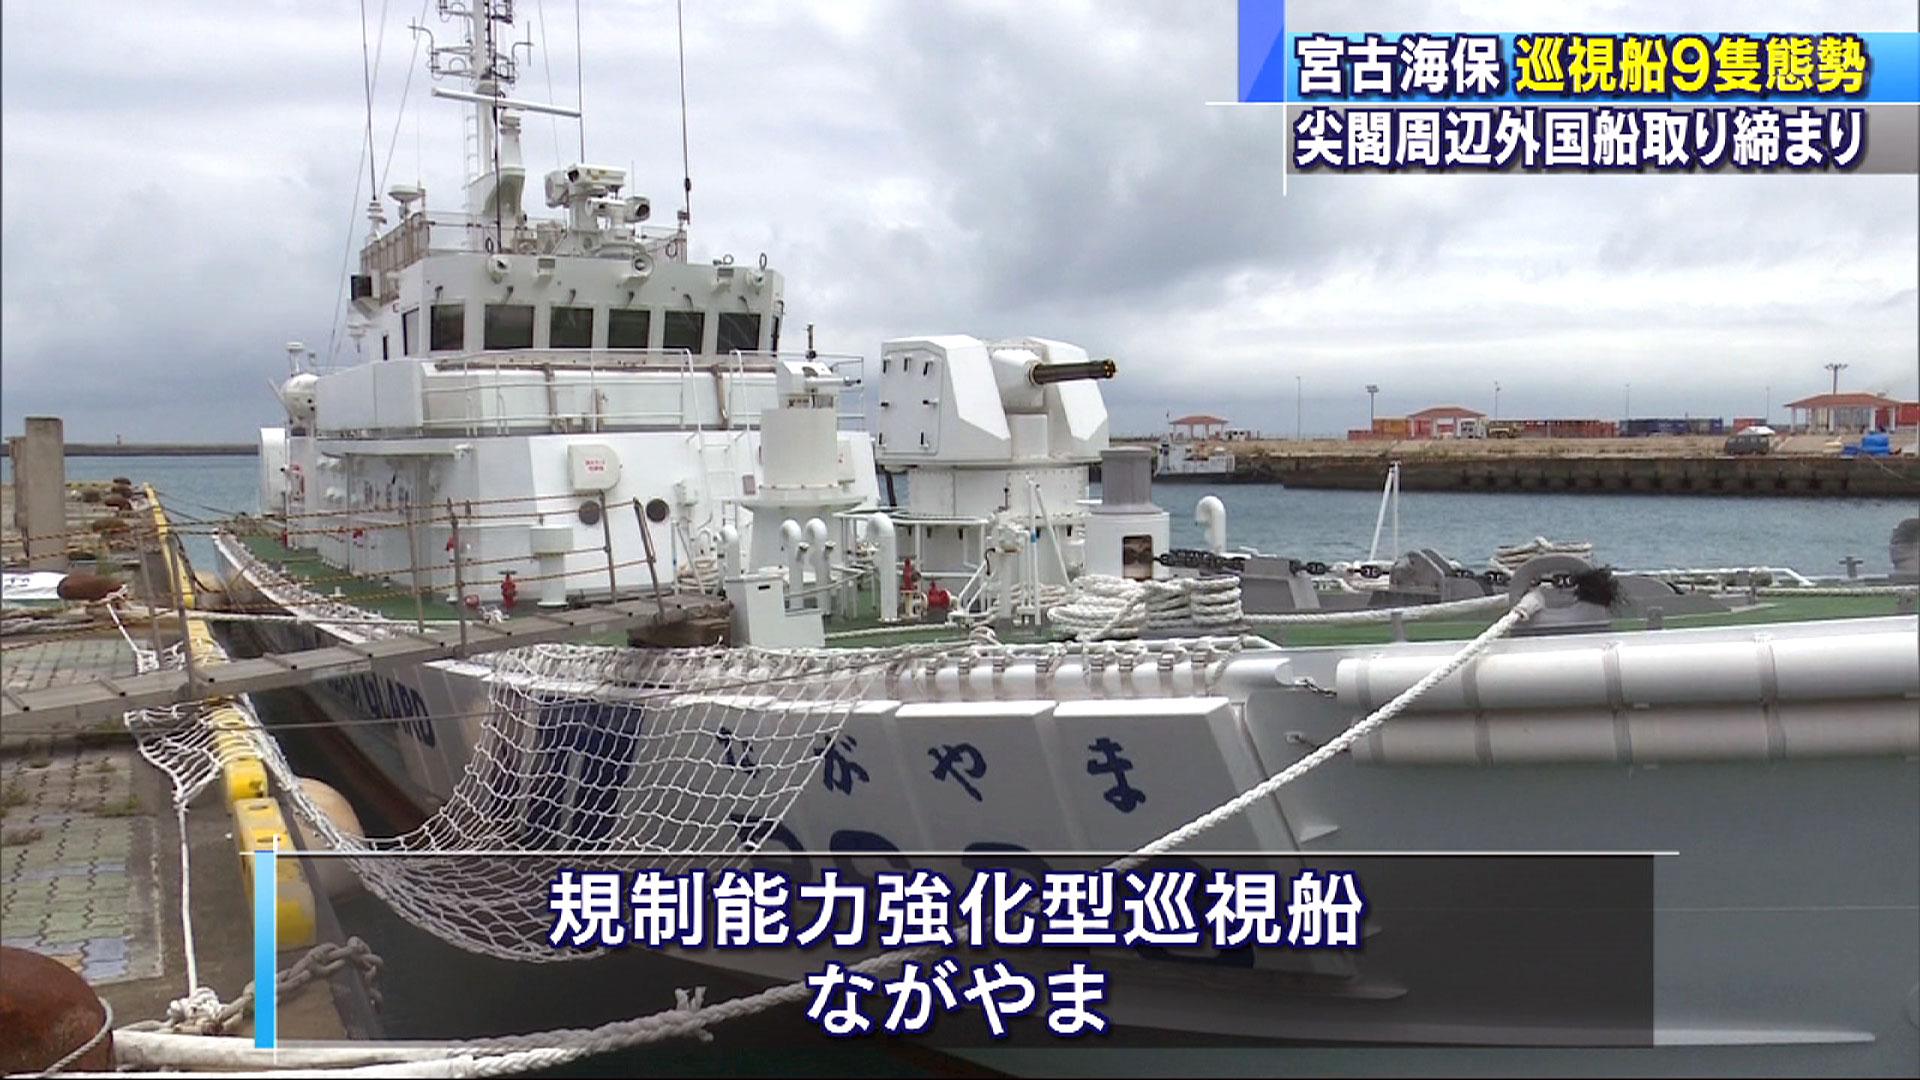 宮古海上保安部 巡視船9隻態勢